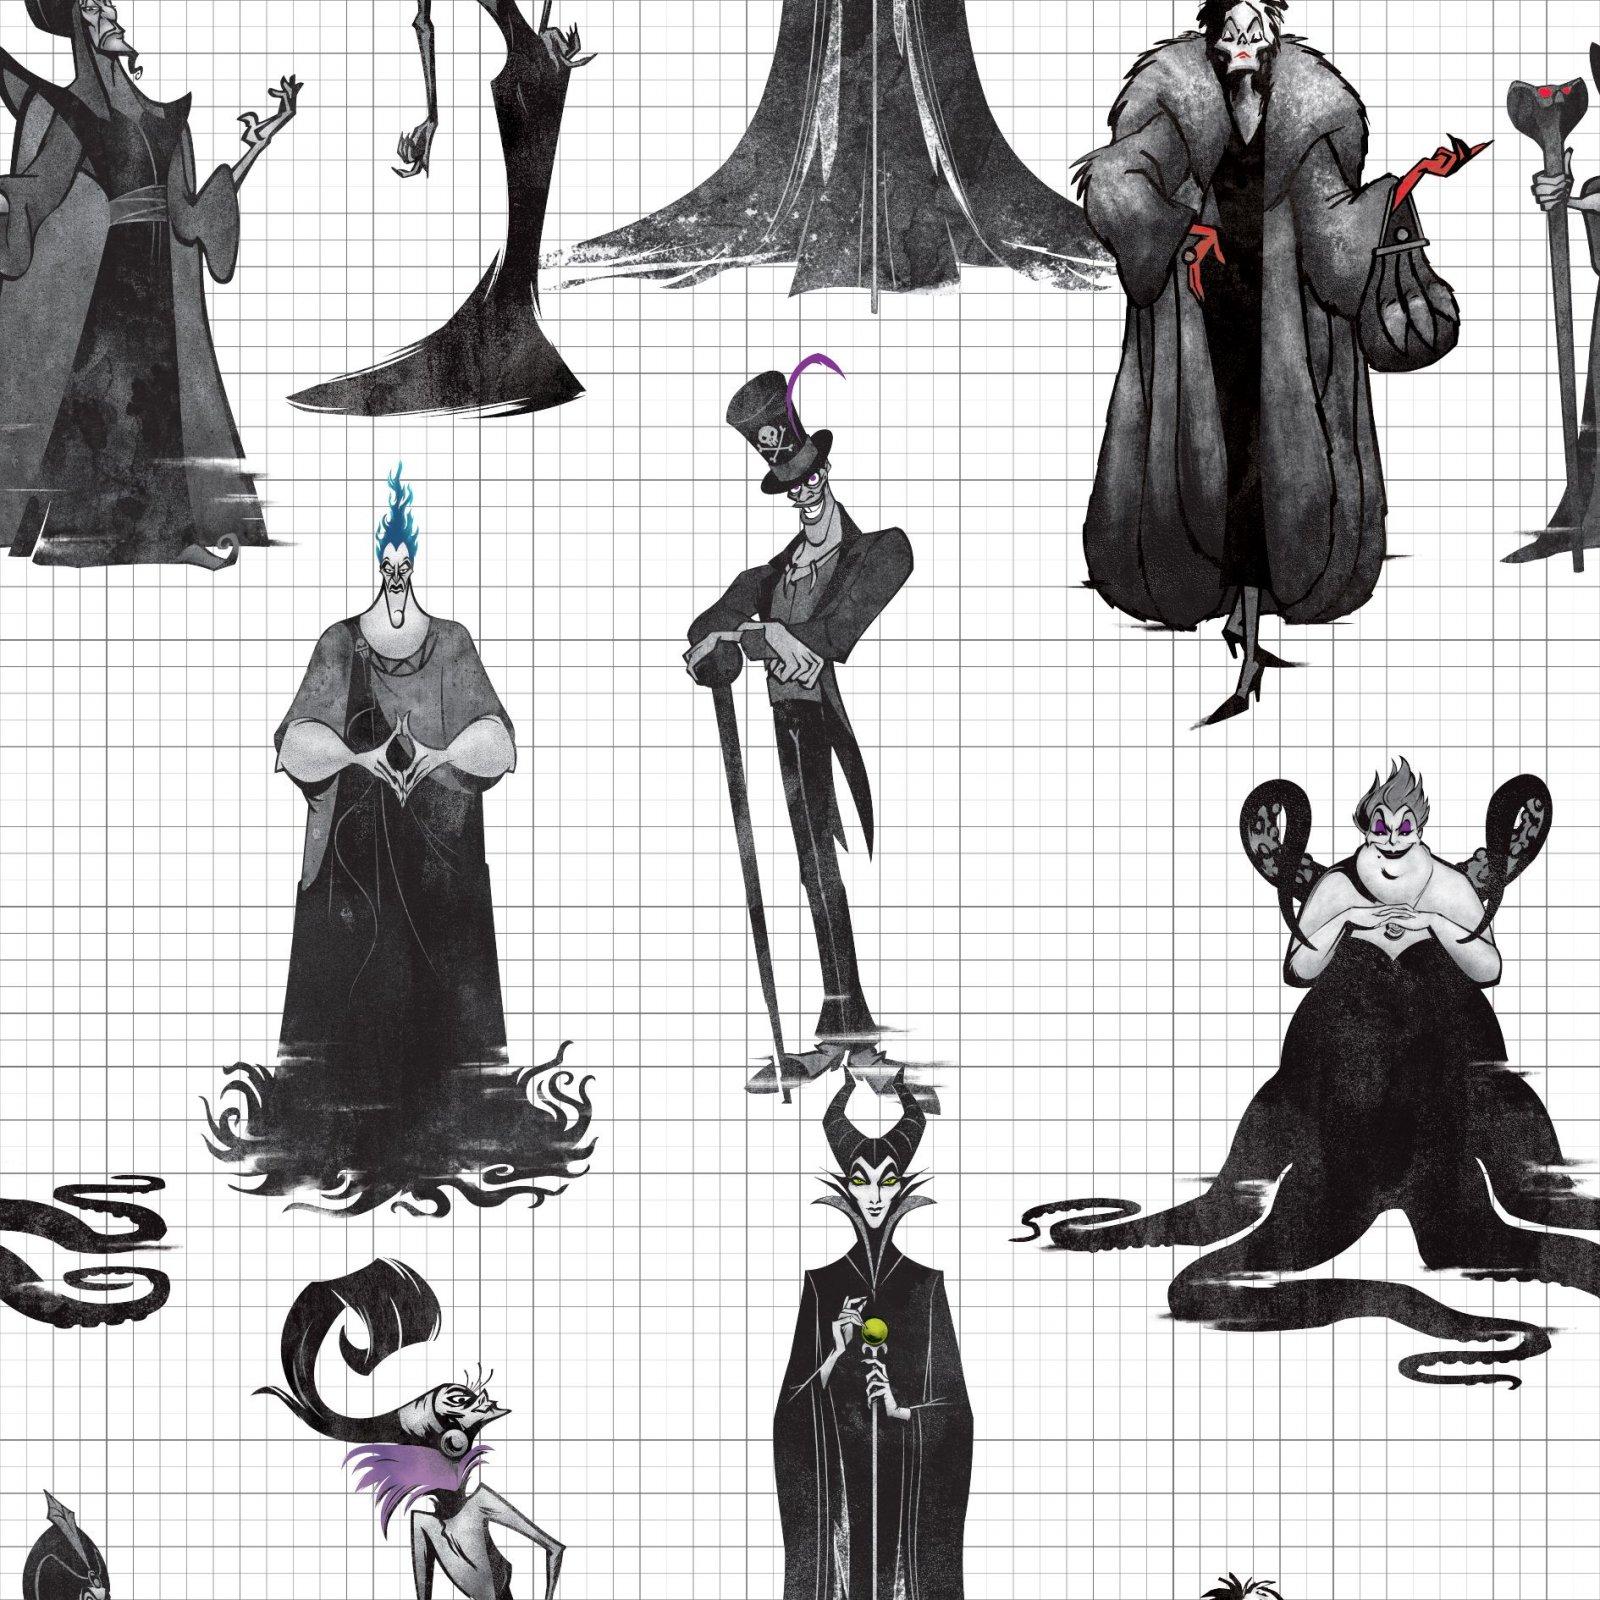 SC-Disney Villains 74090-A620715 Villains Shadows